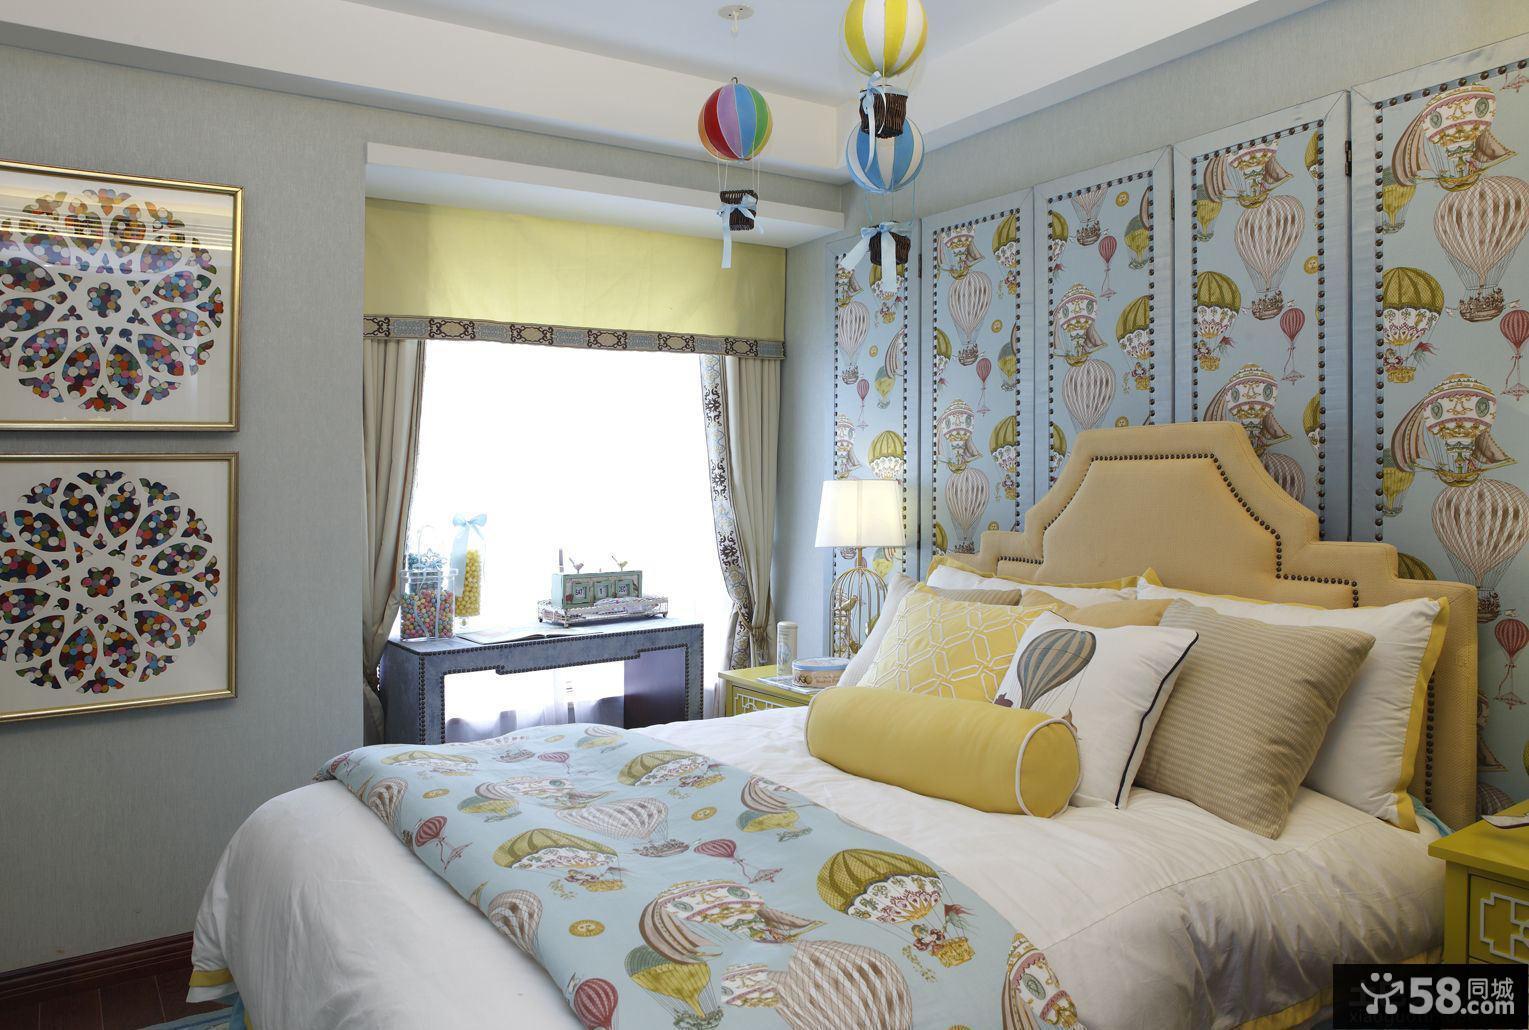 中式家居小飘窗卧室装修图片欣赏